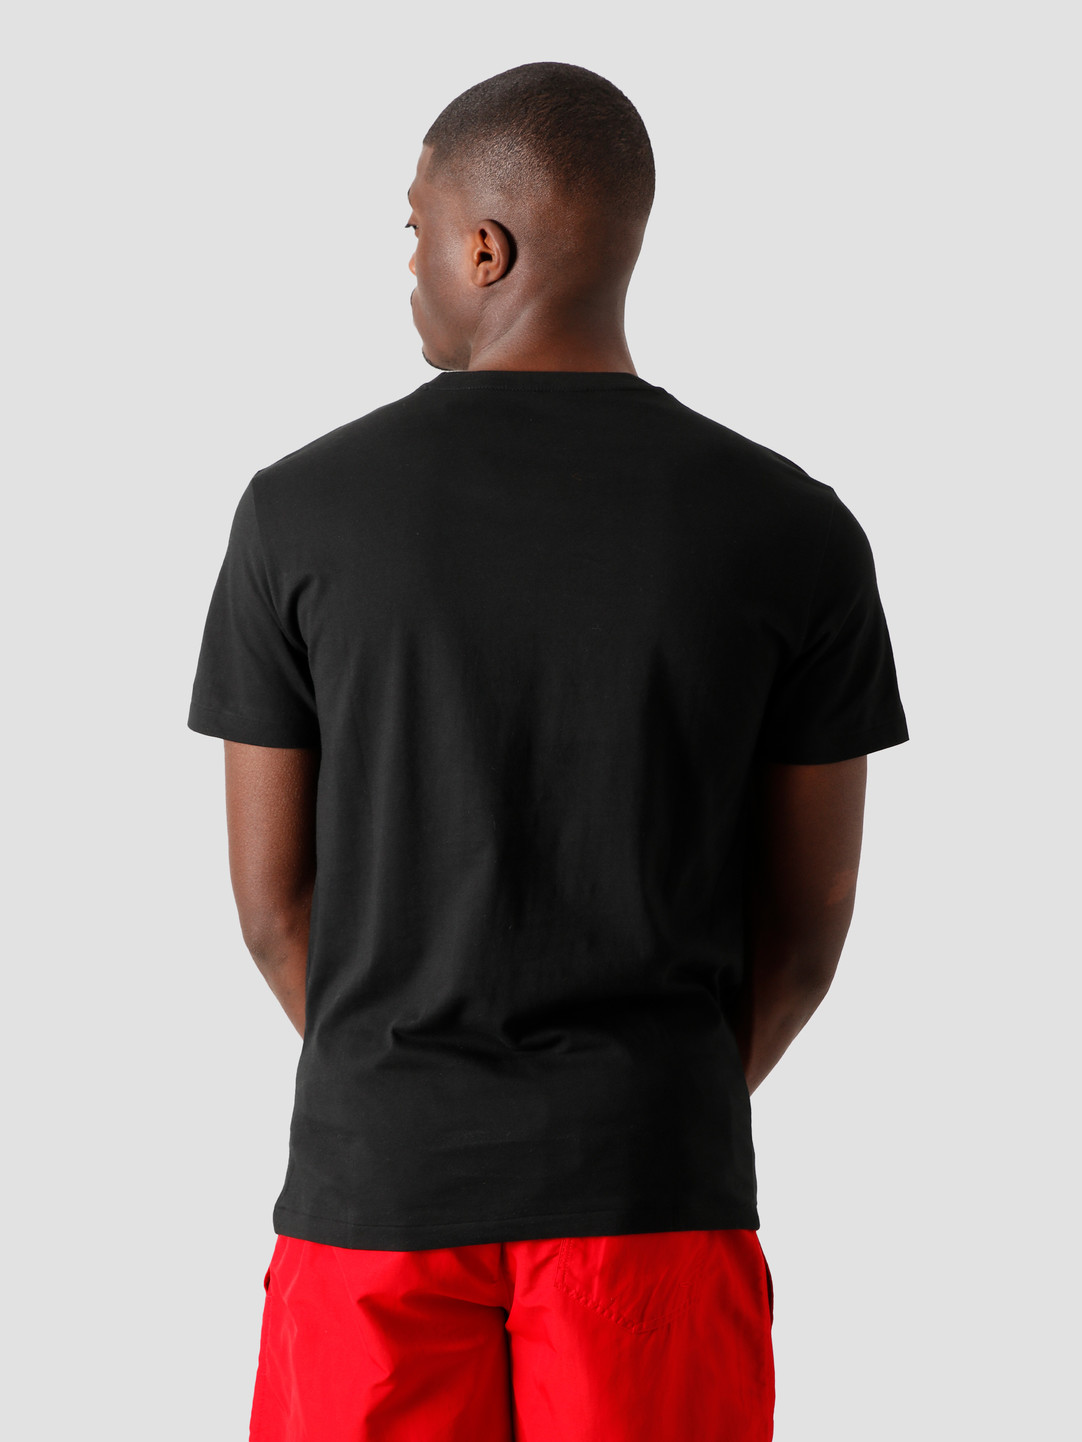 Polo Ralph Lauren Polo Ralph Lauren Classic T-shirt RL Black 710680785001